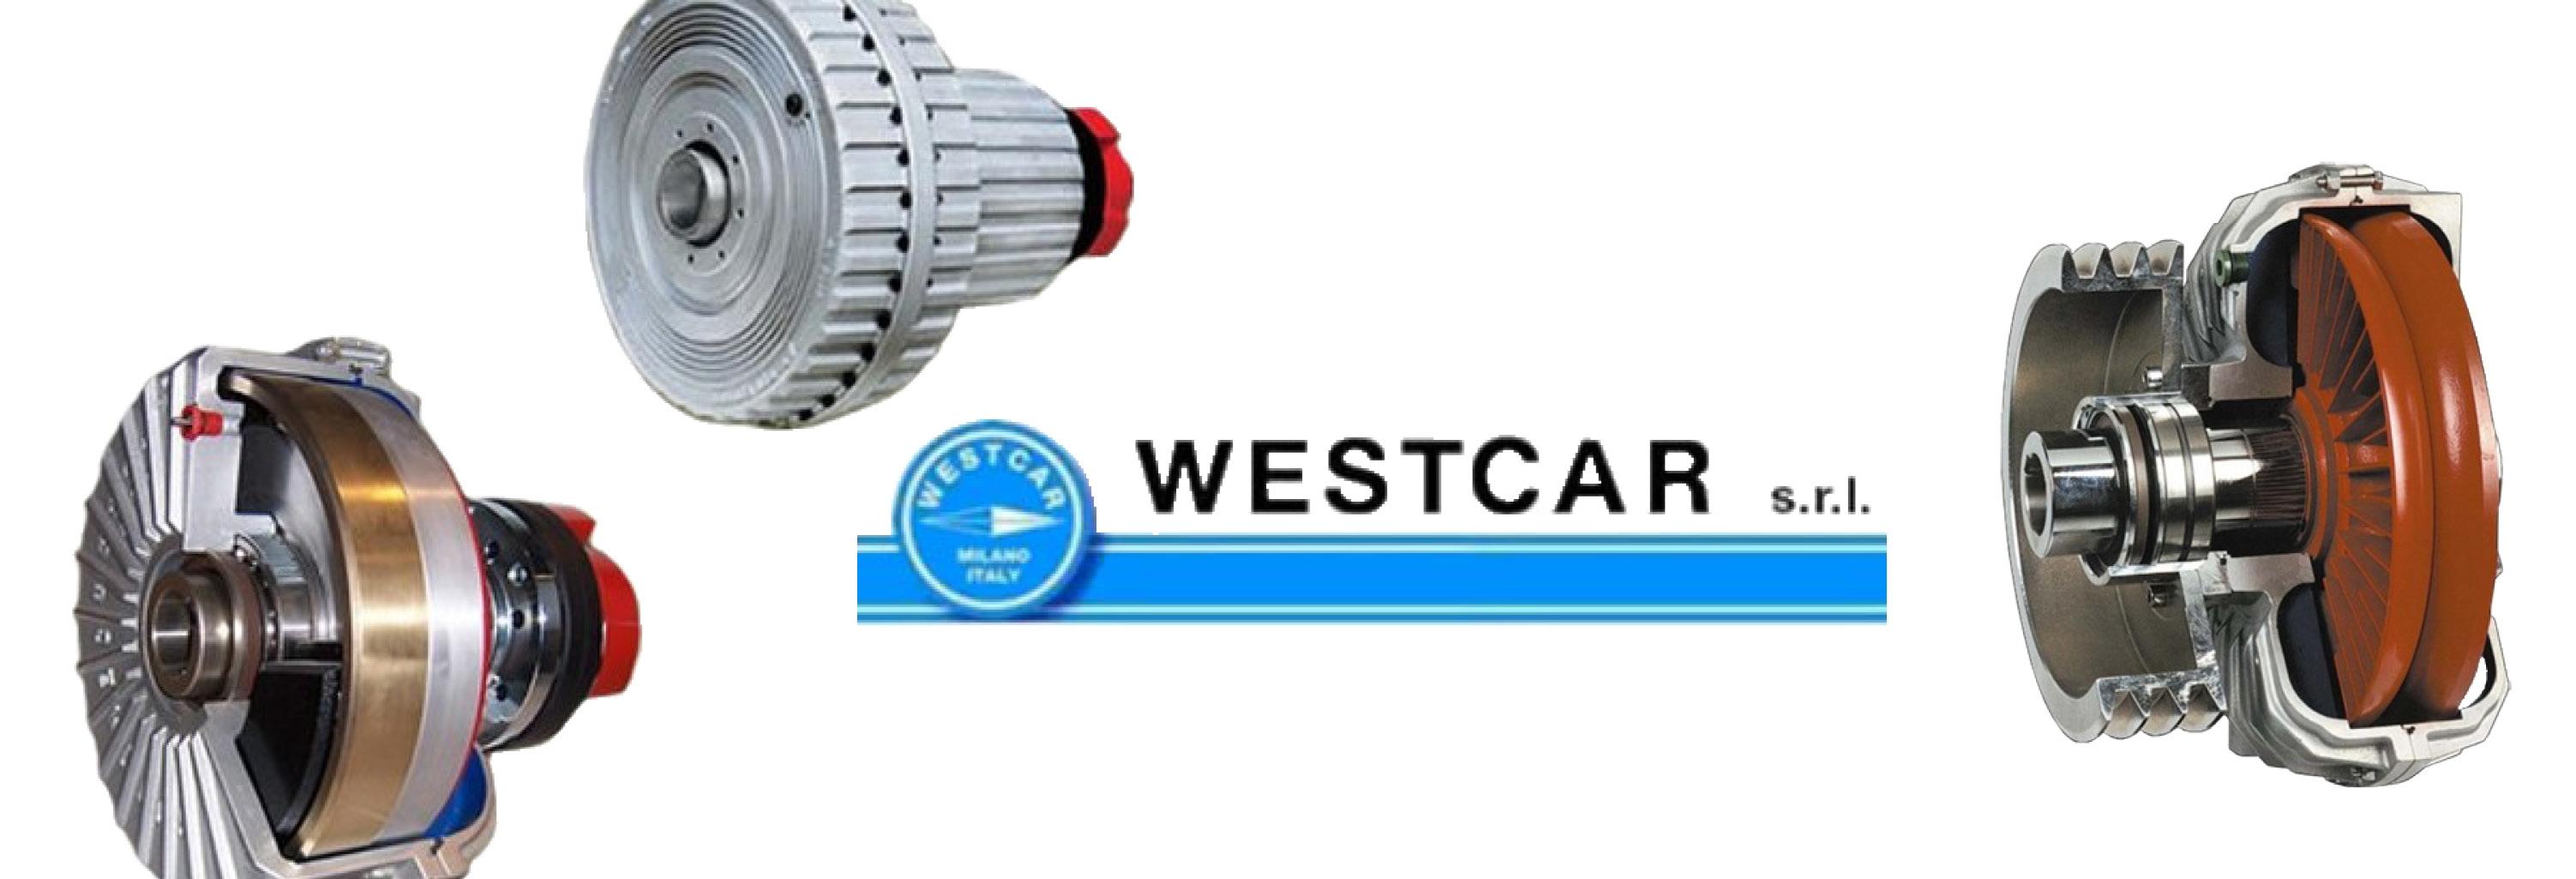 Westcar